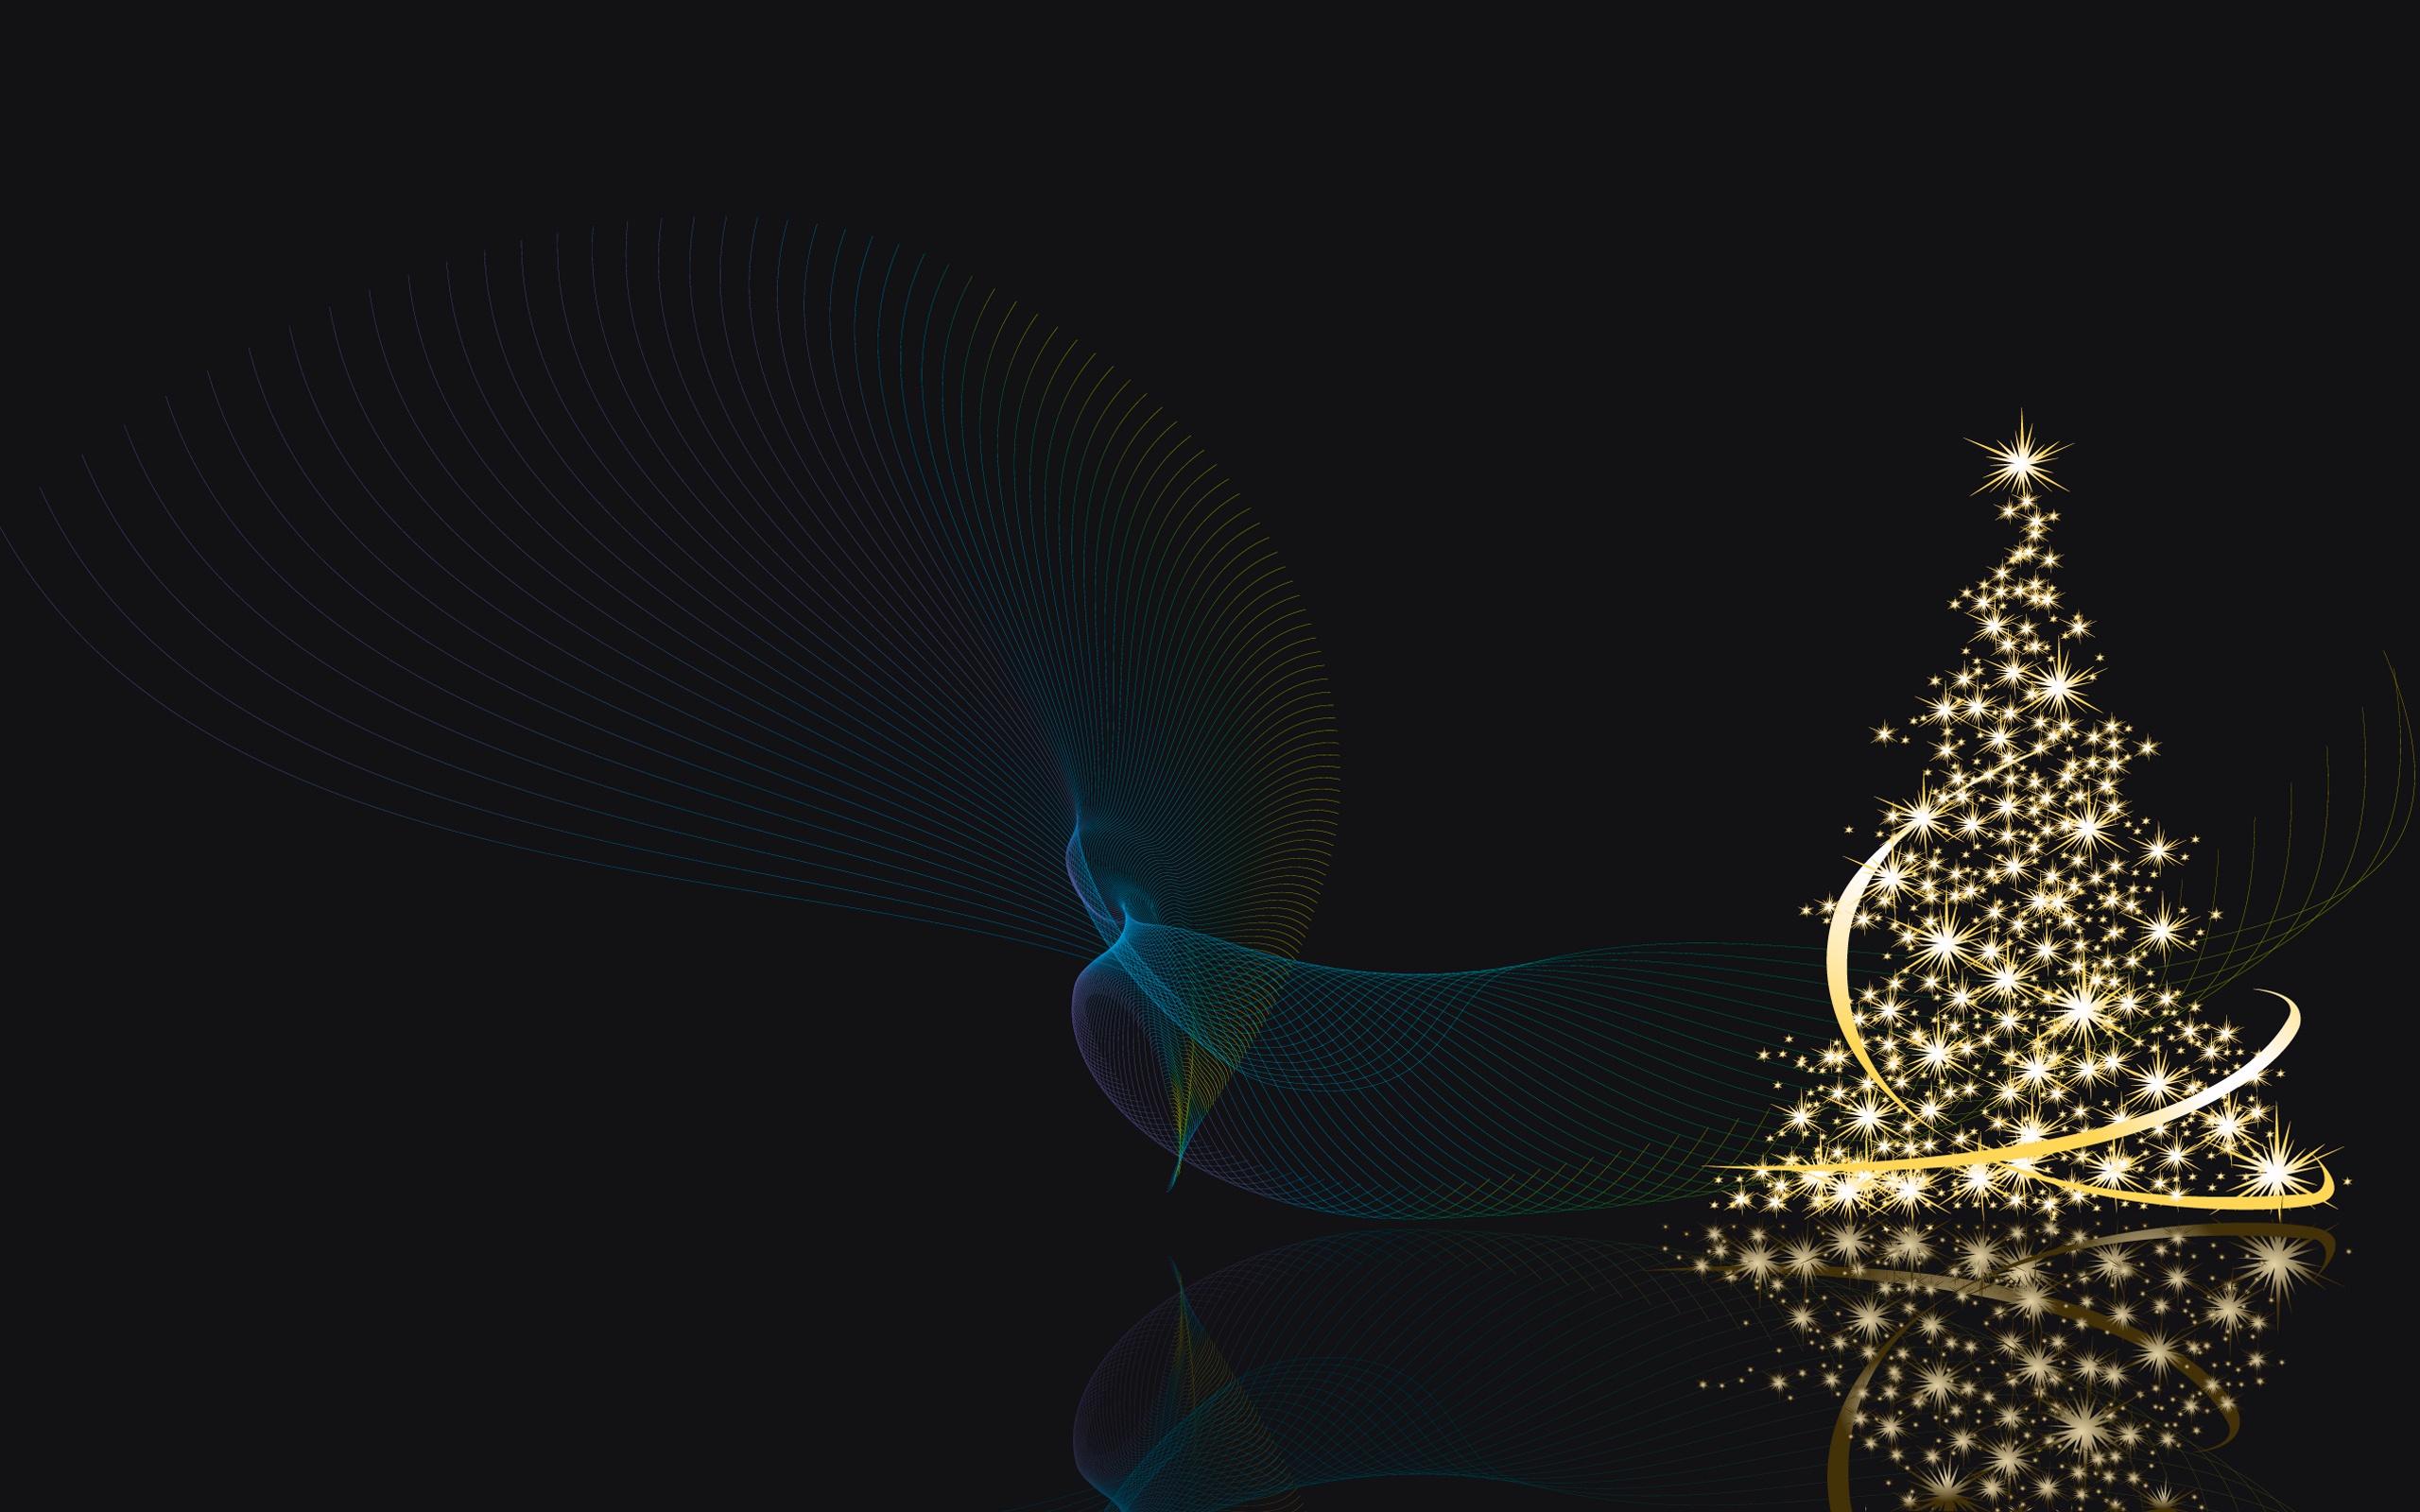 Christmas Trees Wallpaper 2560x1600